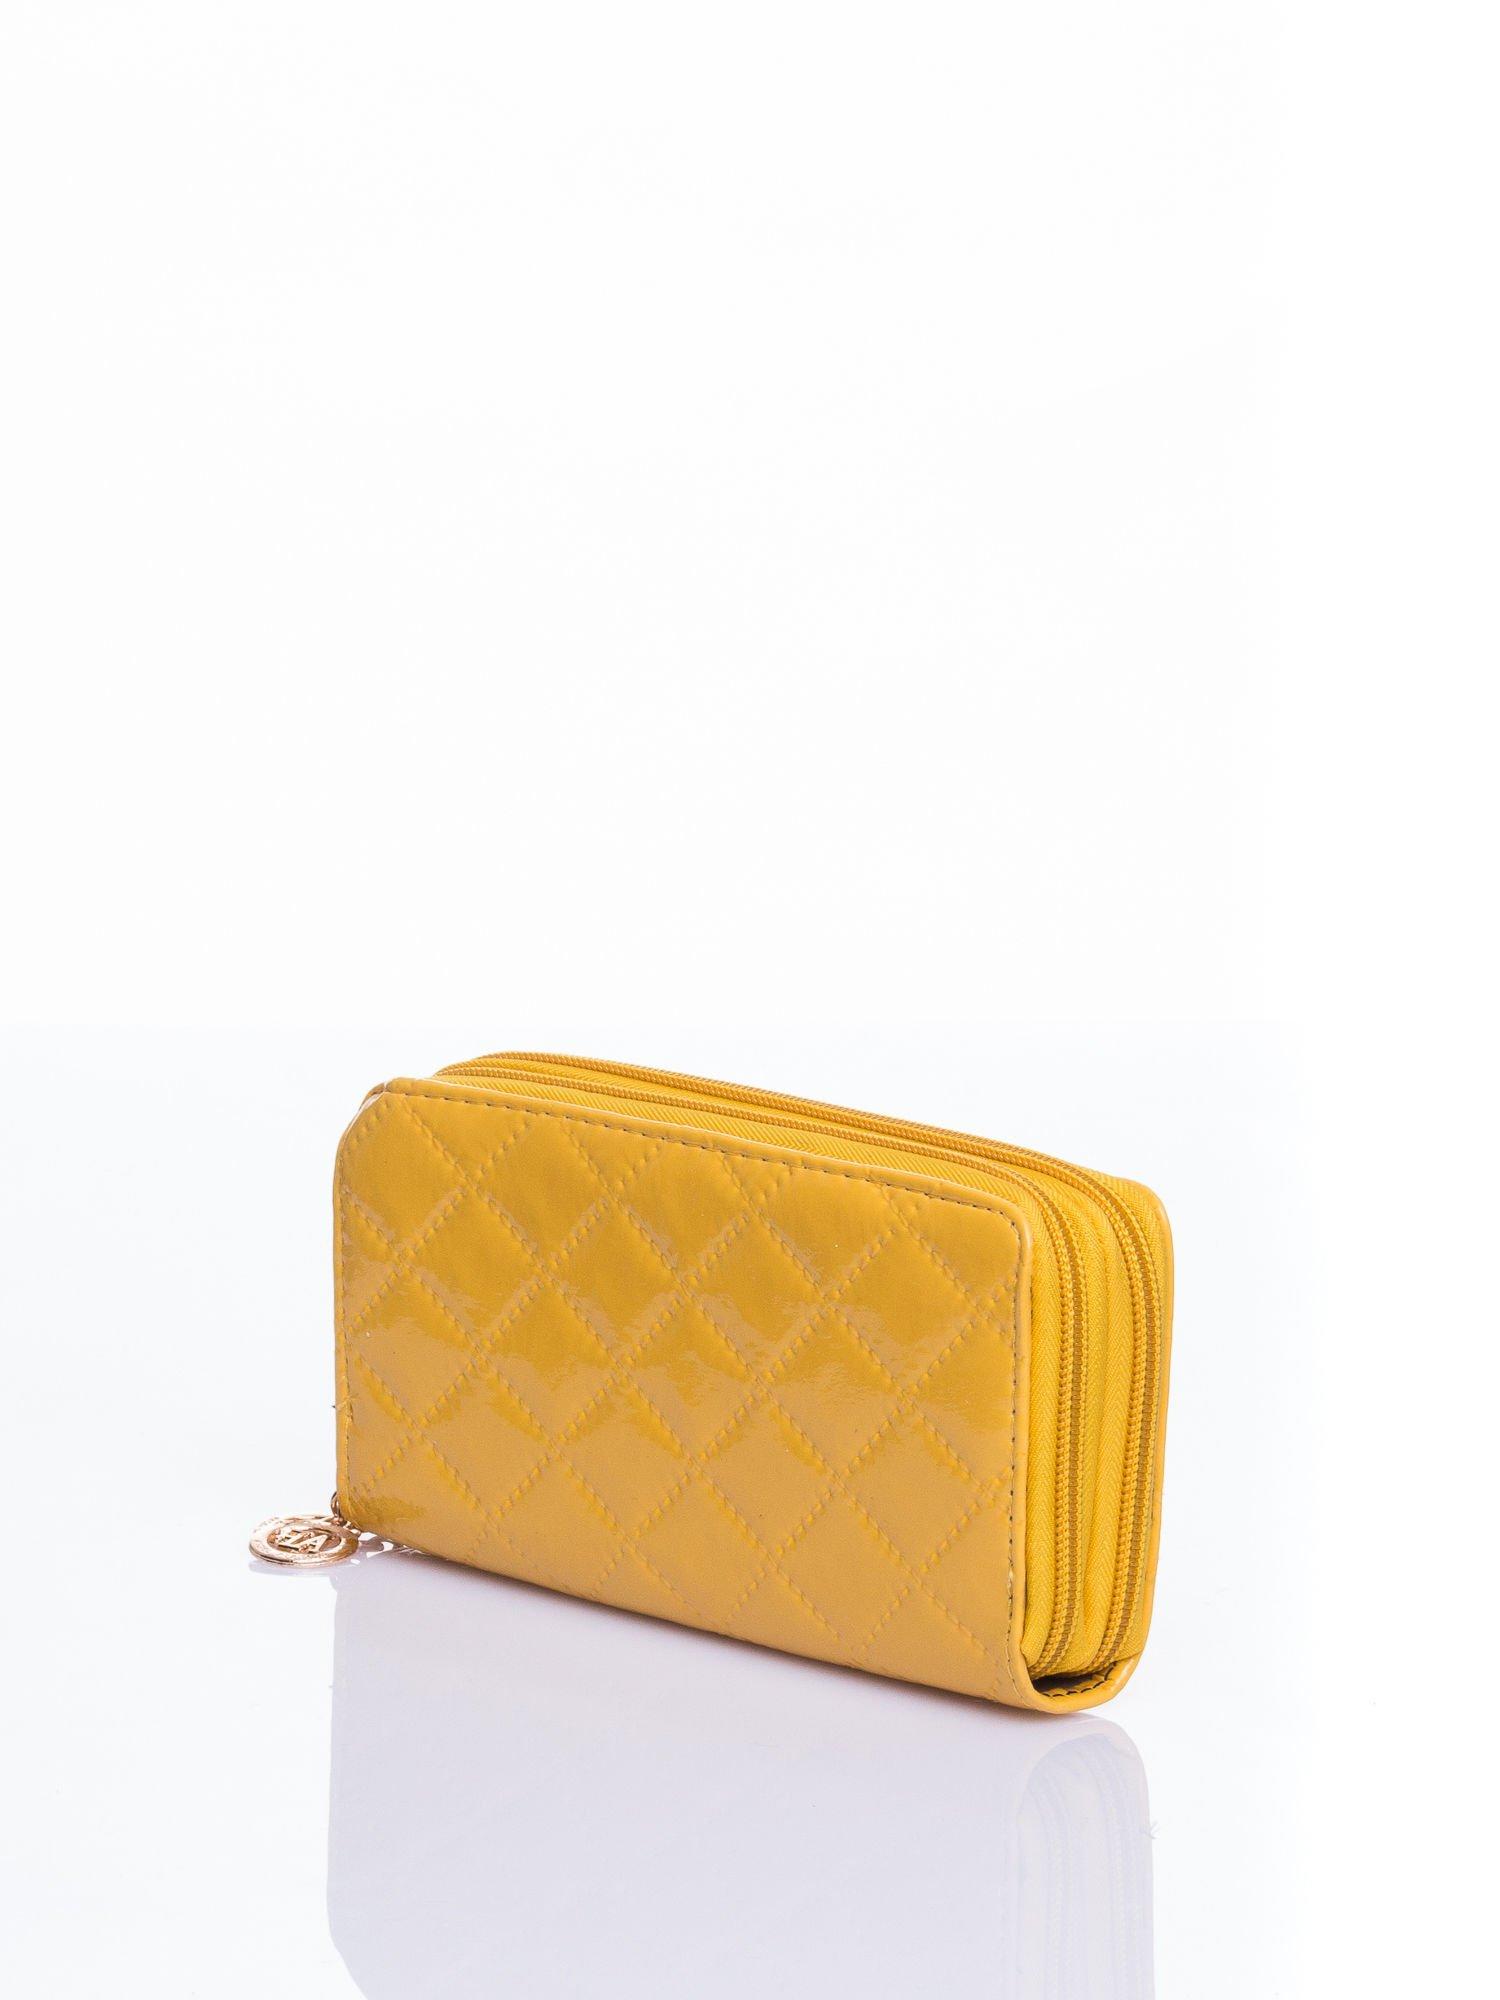 Żółty lakierowany pikowany portfel                                  zdj.                                  2